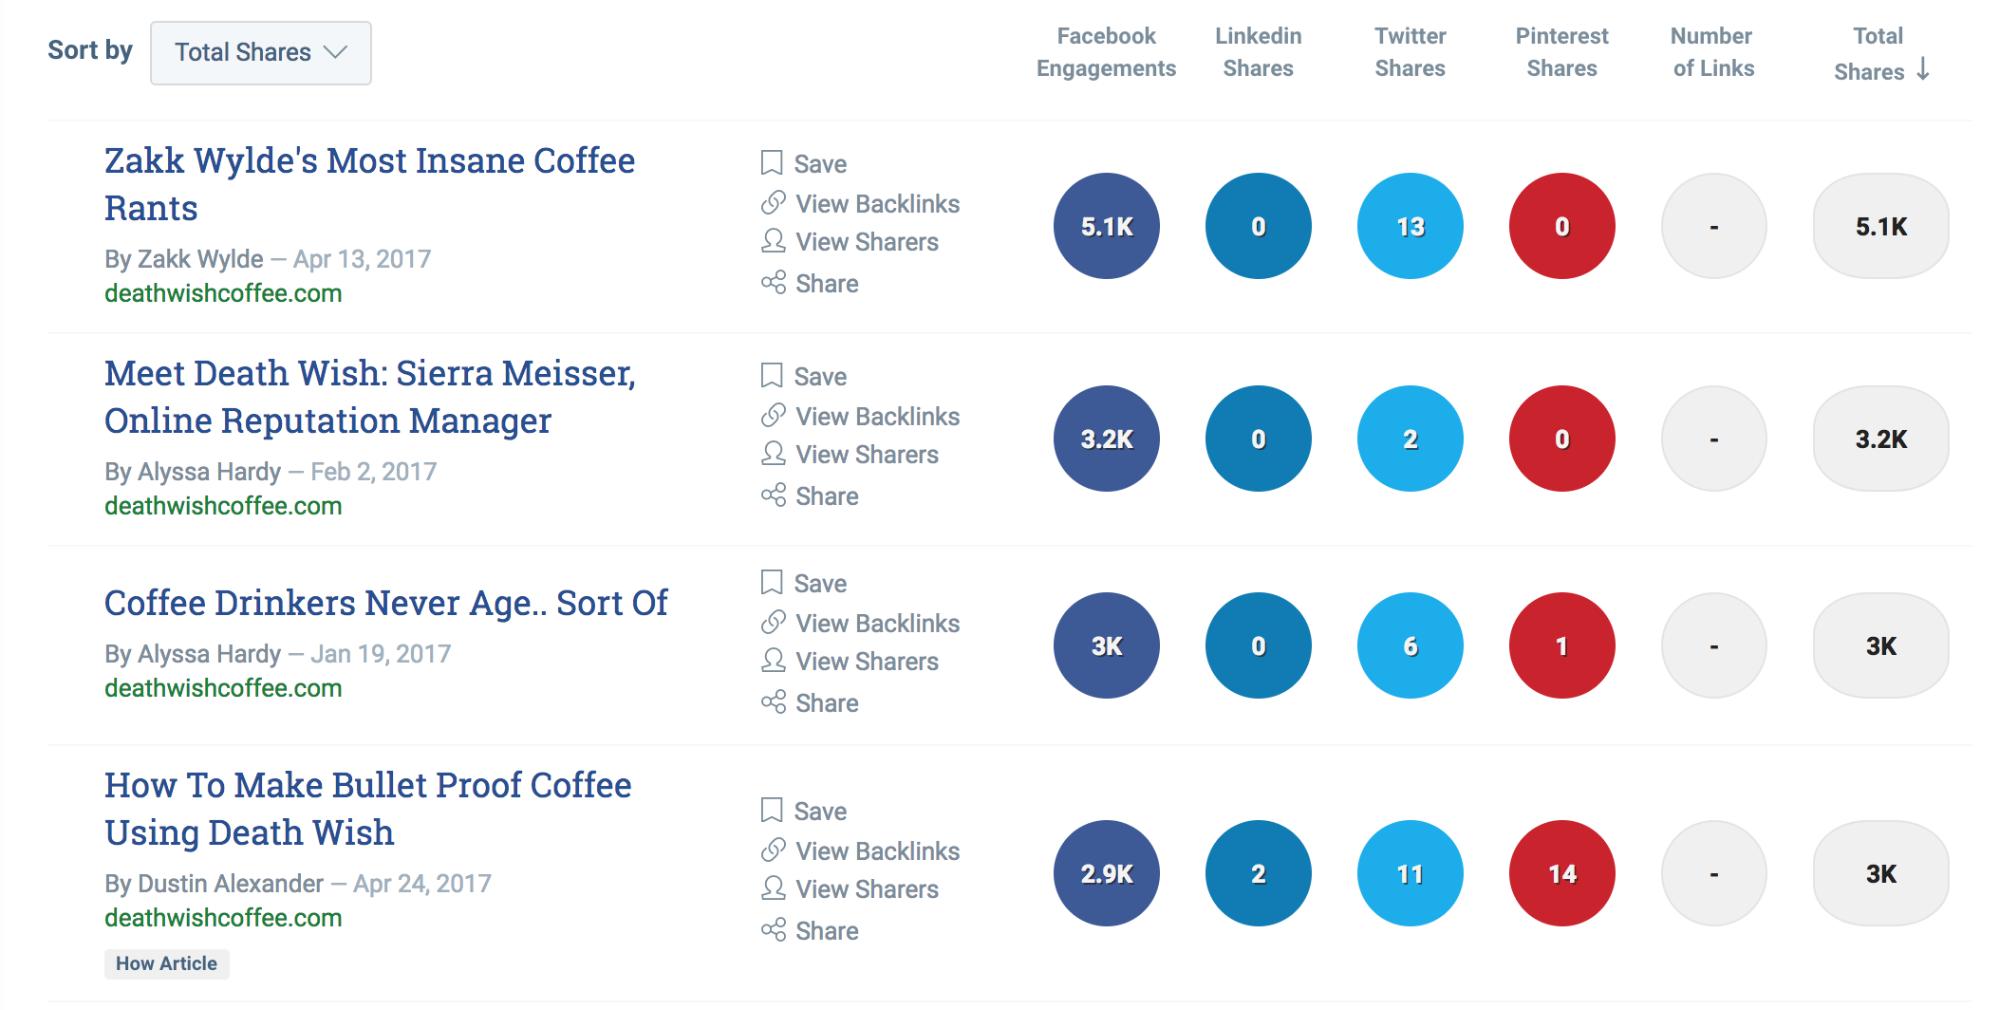 Screenshot showing buzzsumo results